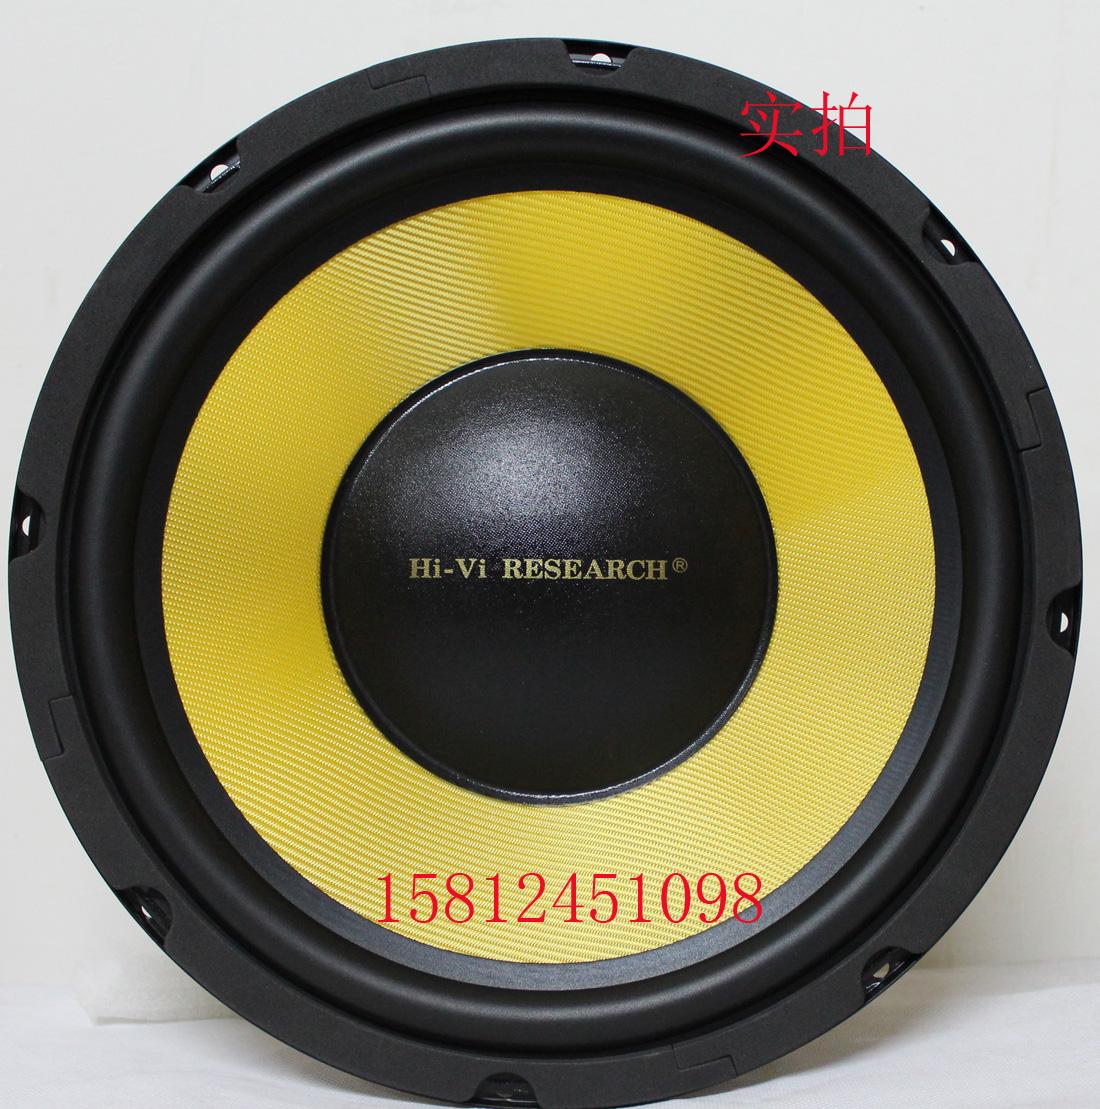 惠威K12低音揚聲器/超越/SS12/ST12/詢價優惠量大從優/只